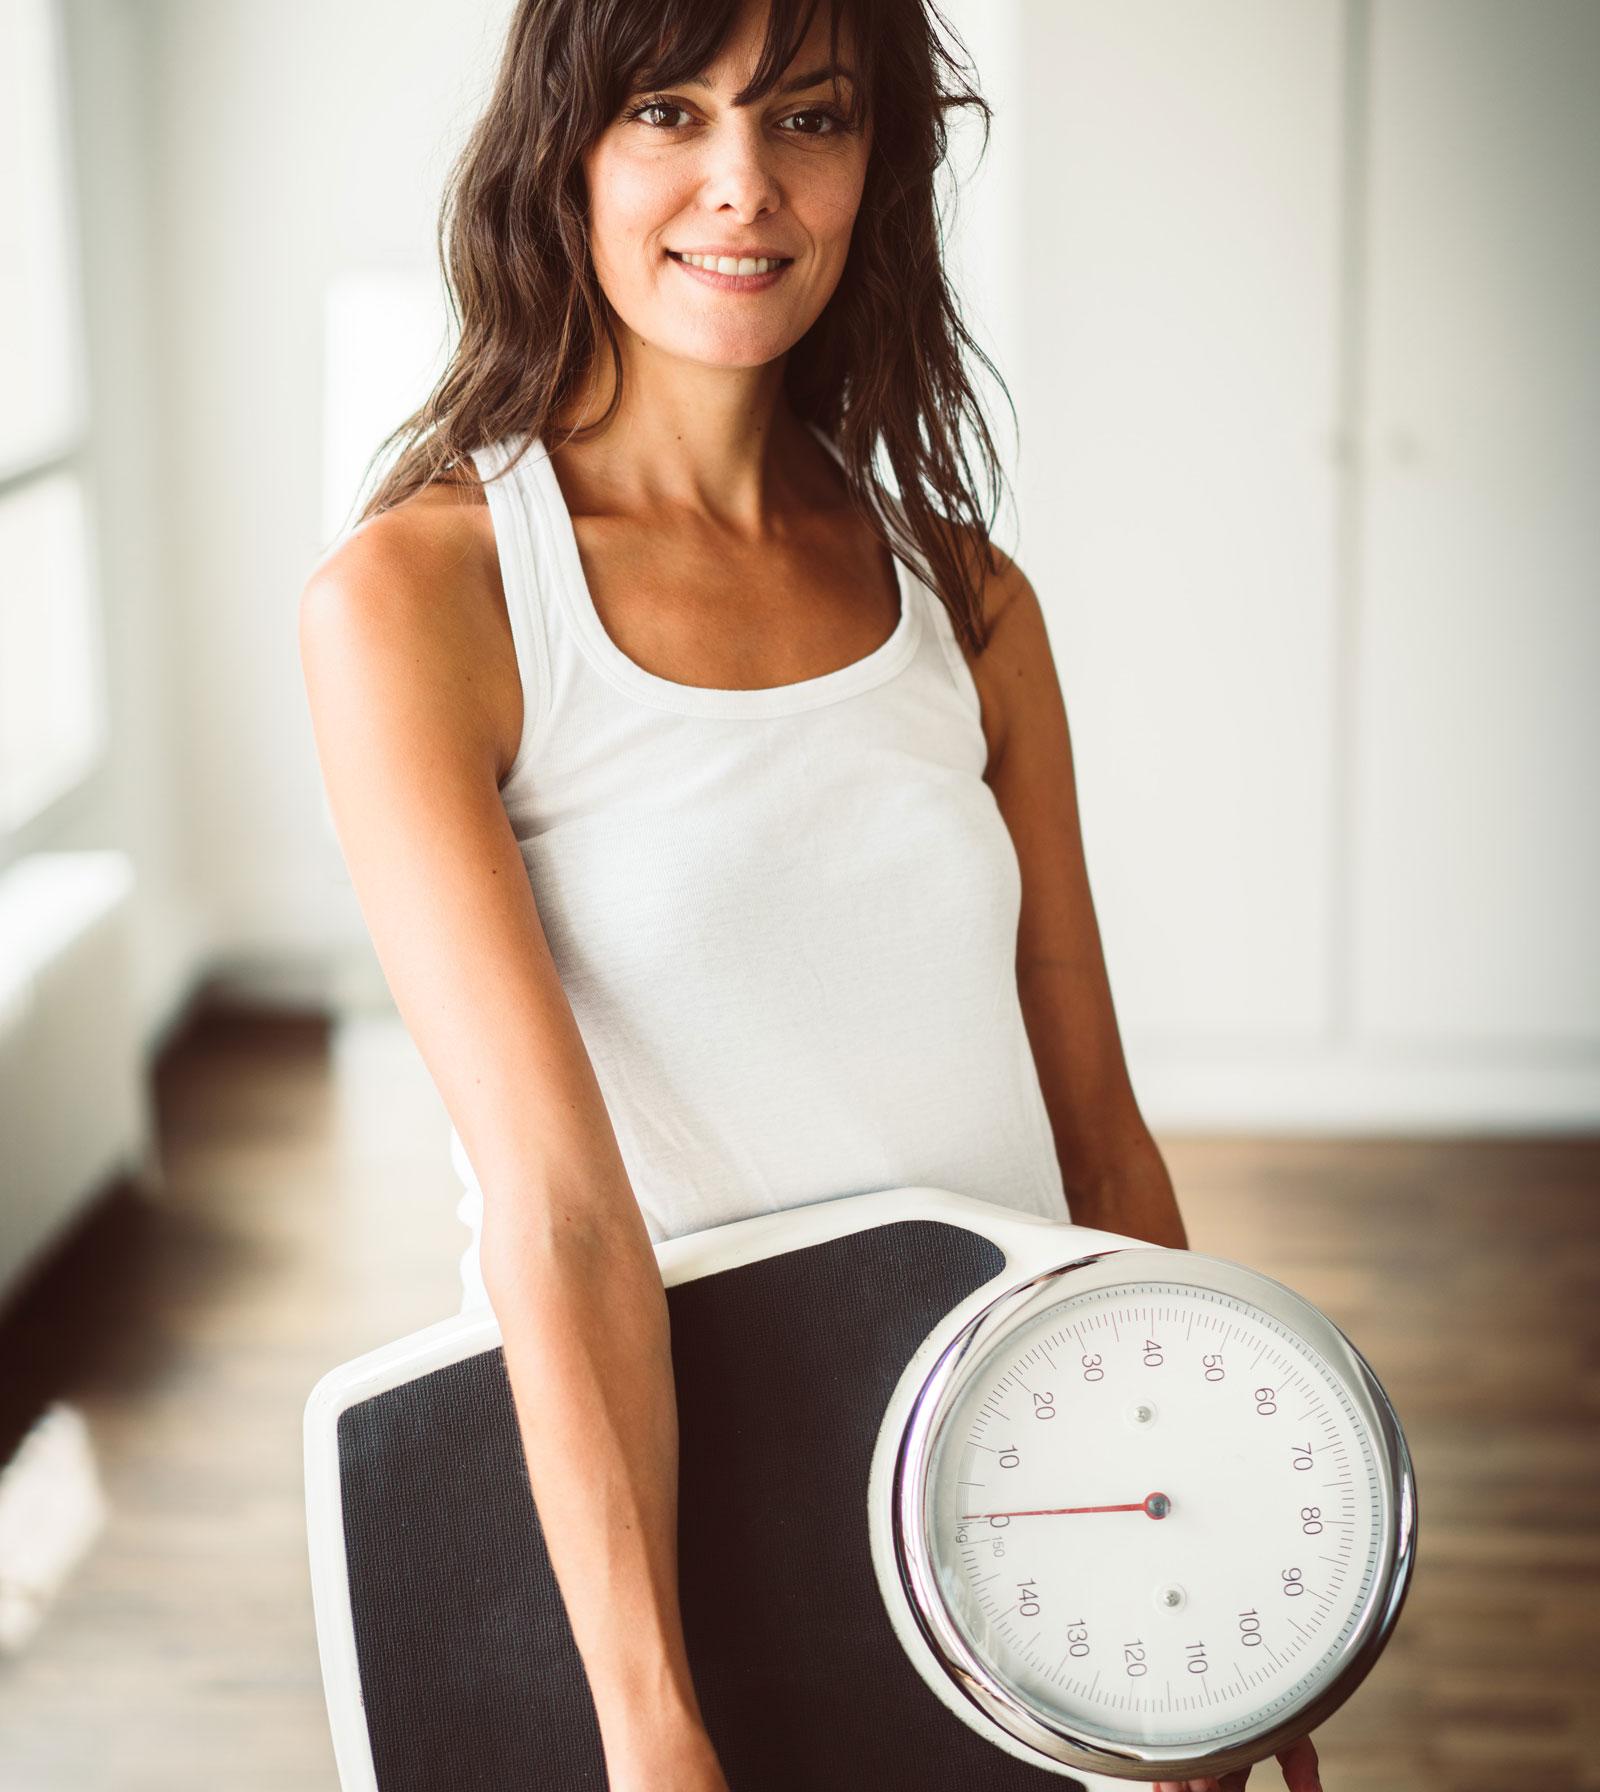 Comment perdre la graisse du ventre